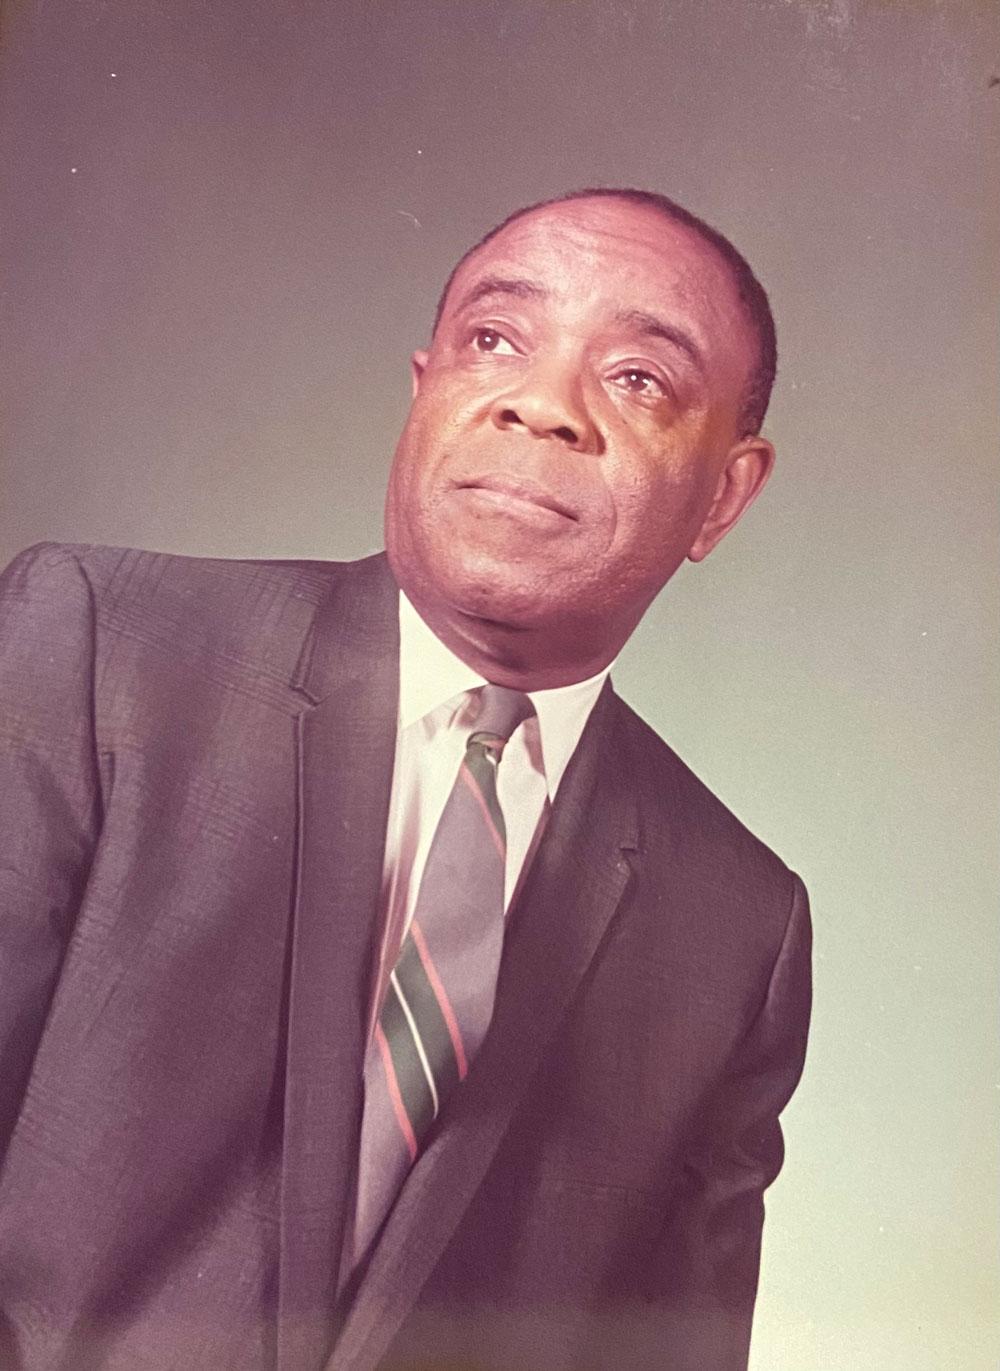 Dr. Carl Townsend